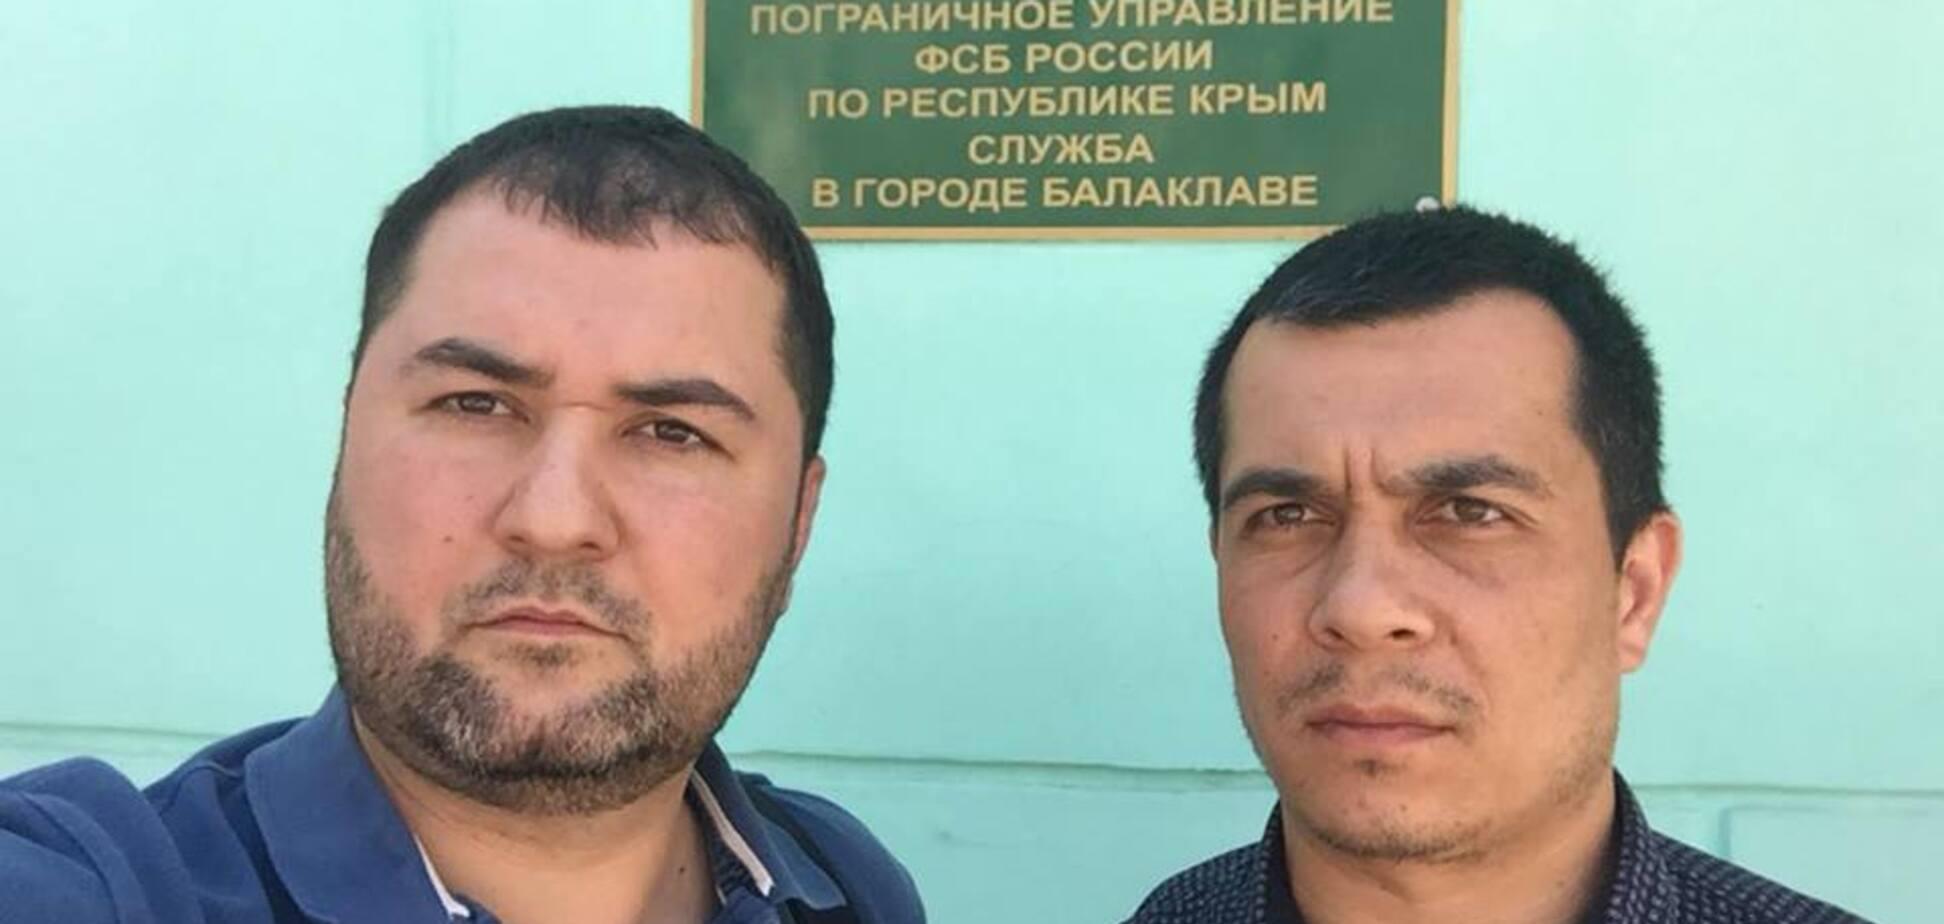 Майже 2 місяці в полоні росіян: українські моряки оголосили голодування